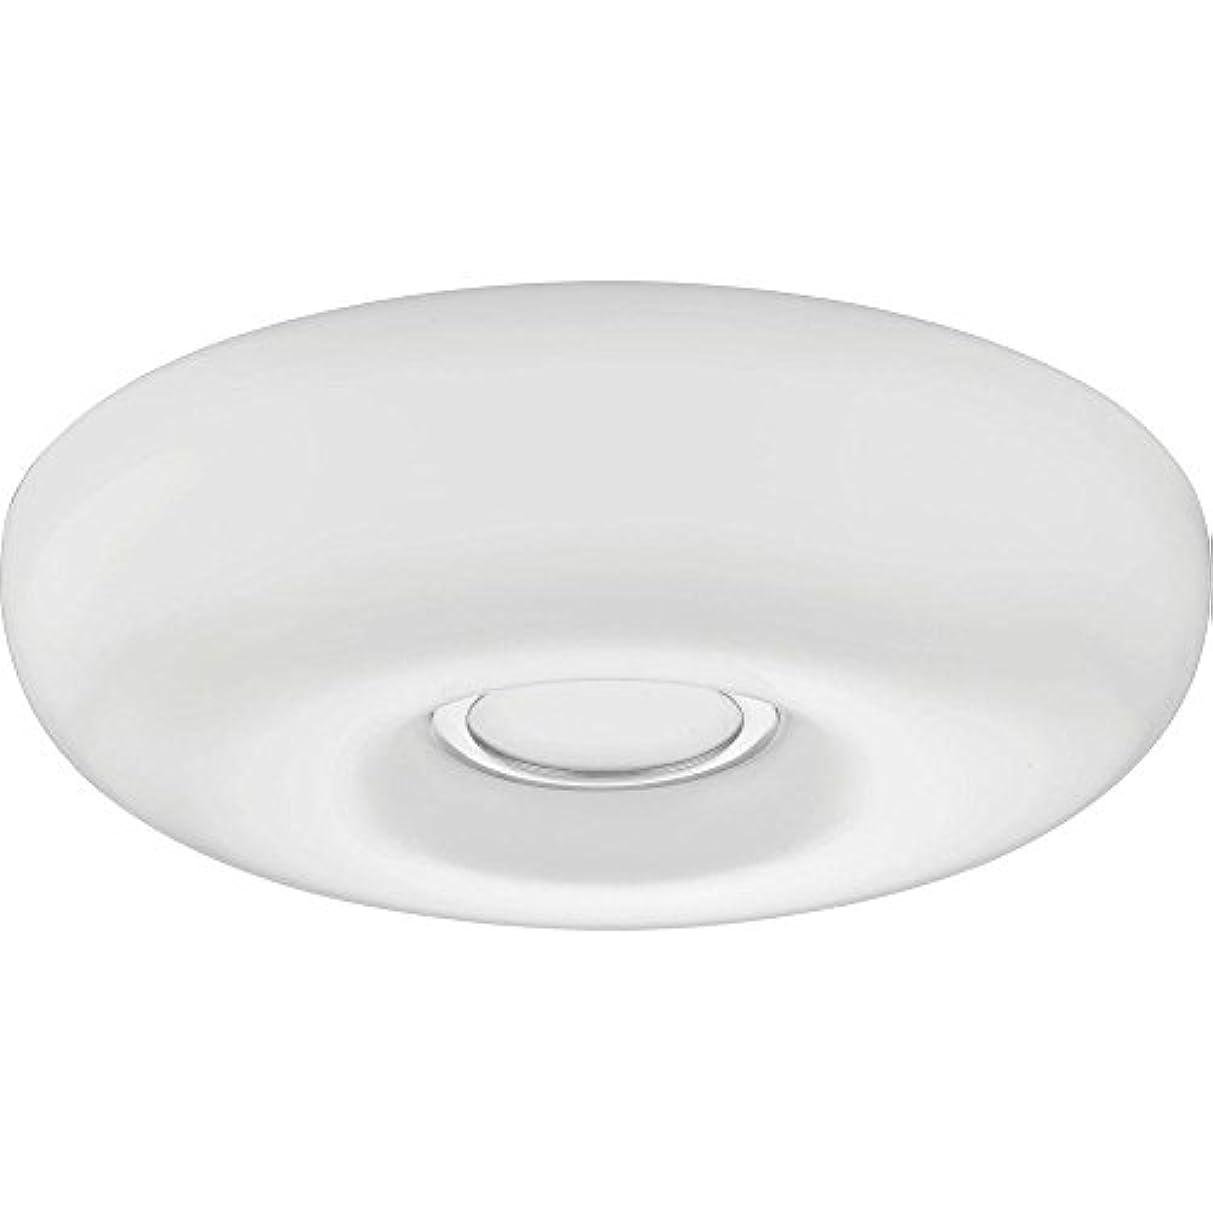 振り返るいちゃつく子供時代Lithonia Lighting DFMKMRL 14 M4 Replacement Diffuser, 14', White [並行輸入品]